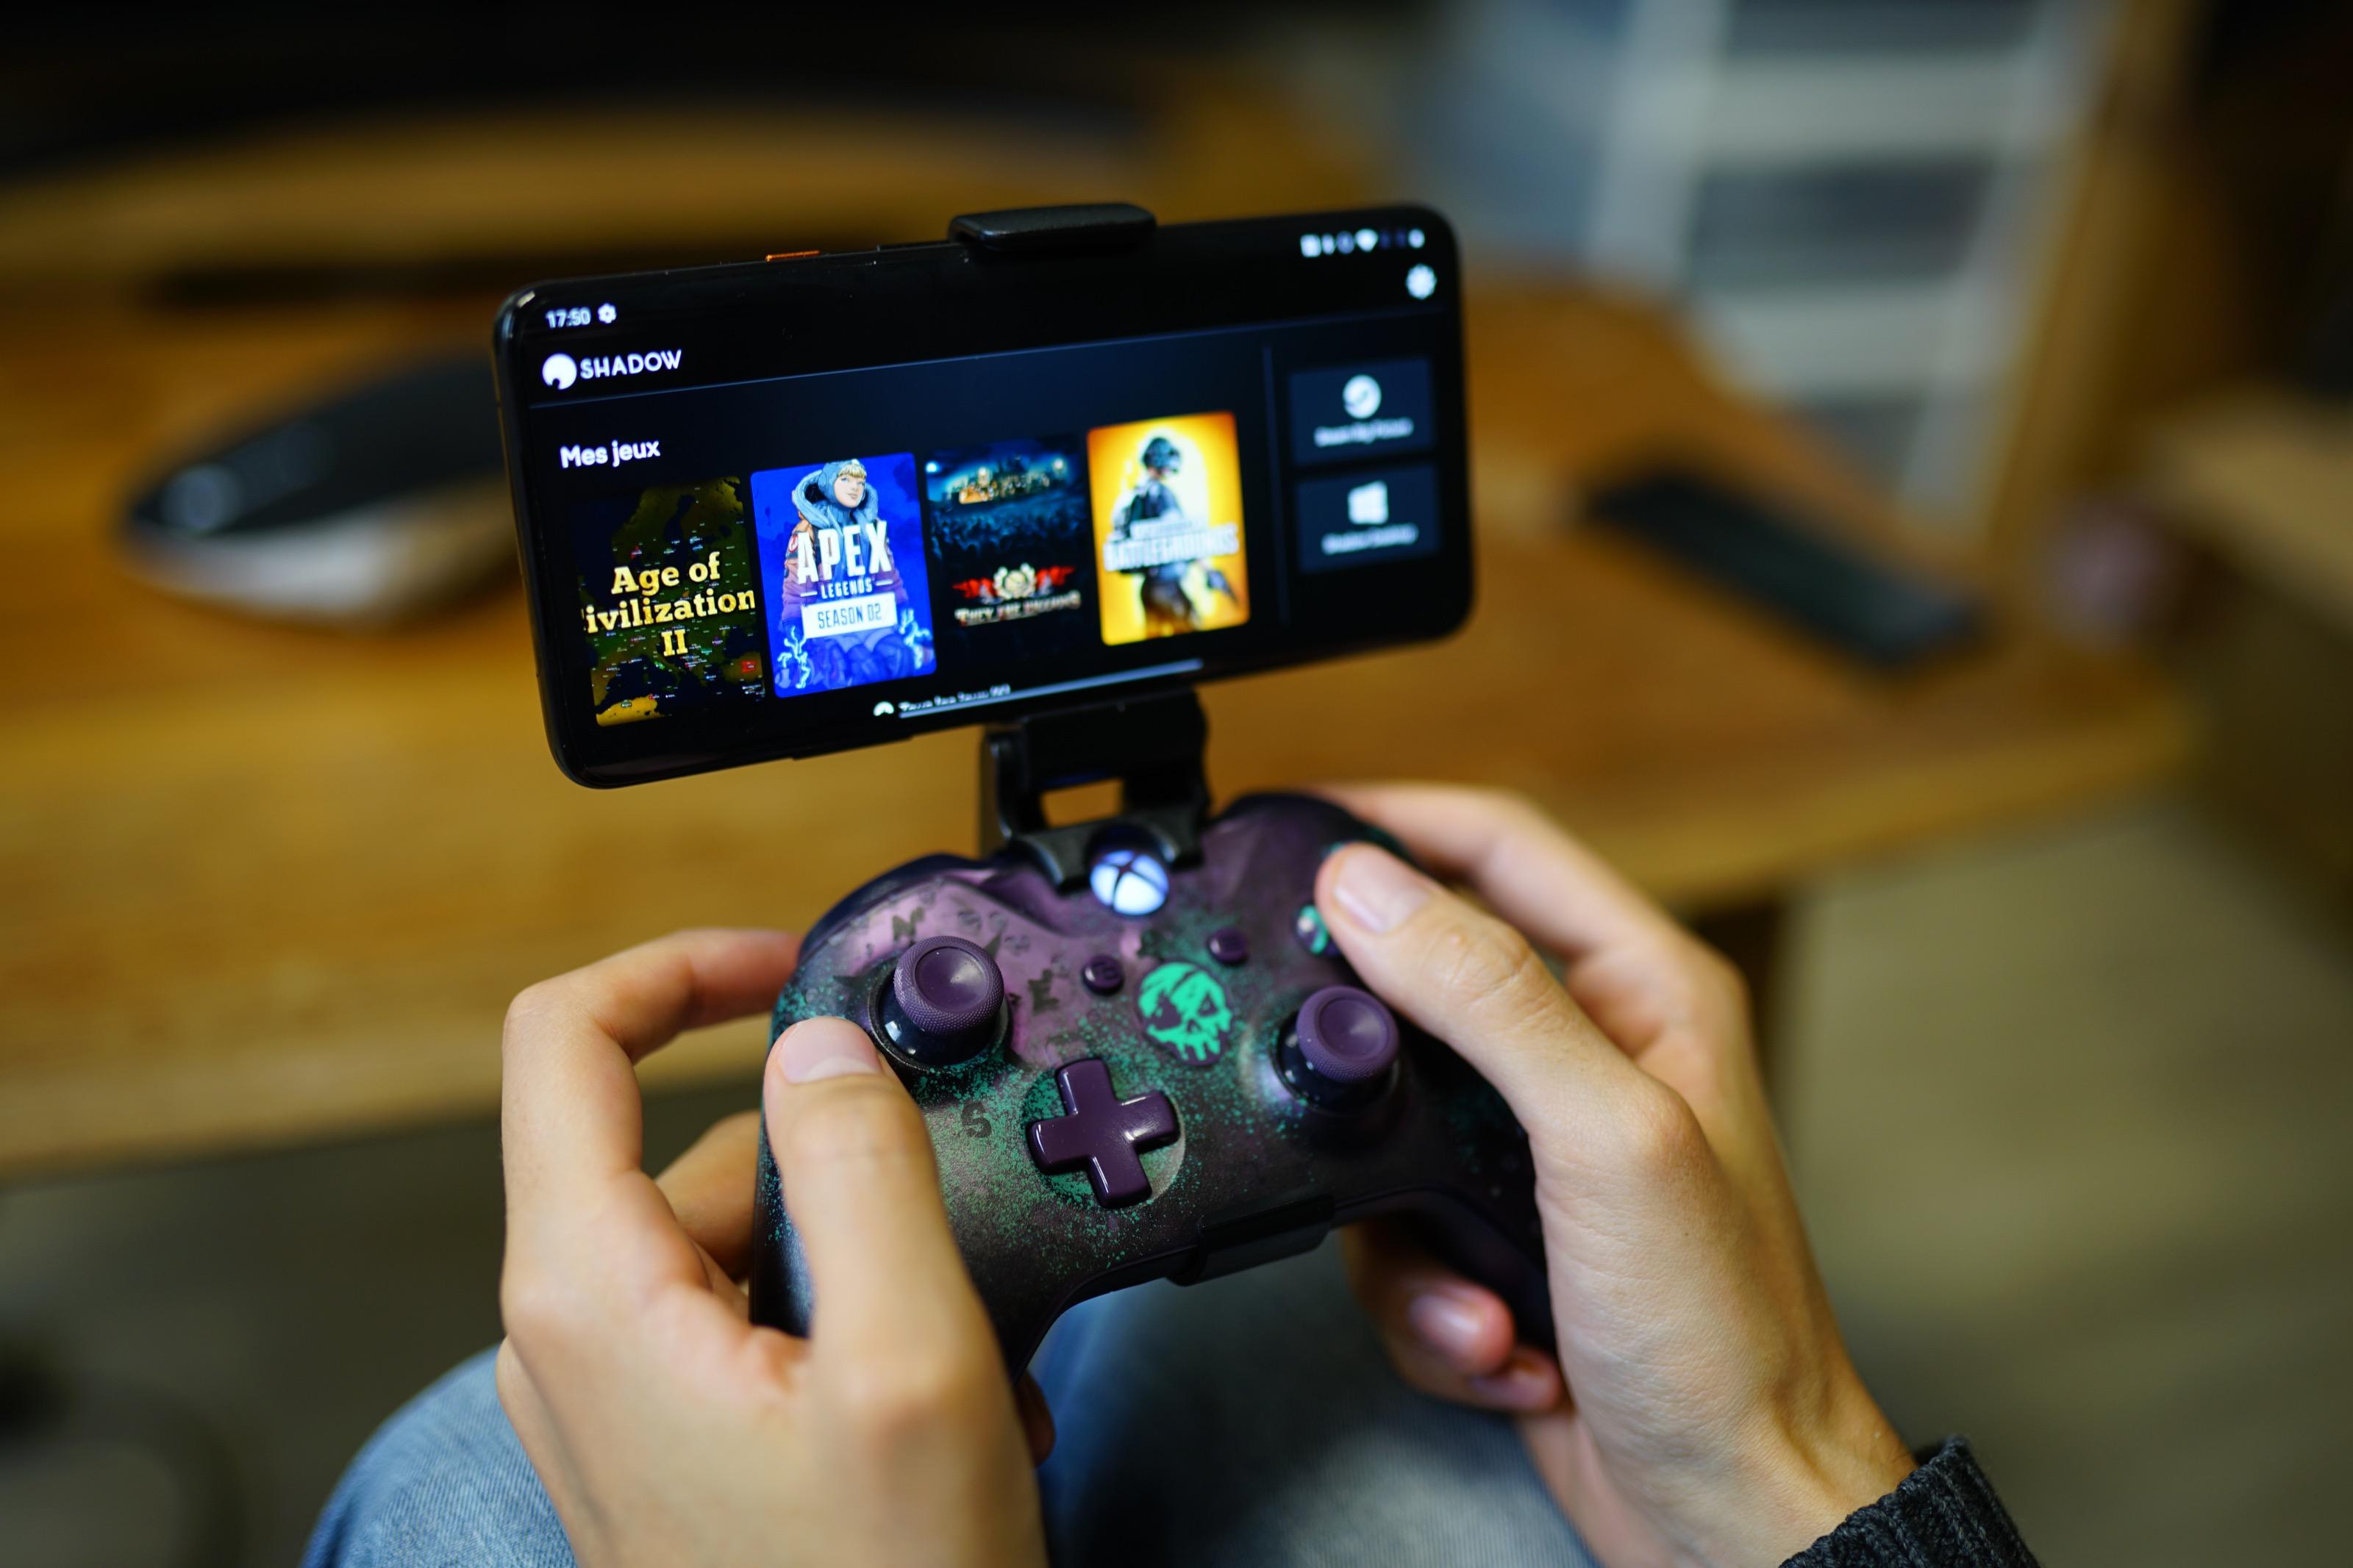 Shadow propose une interface simplifiée sur Android pour accéder à ses jeux